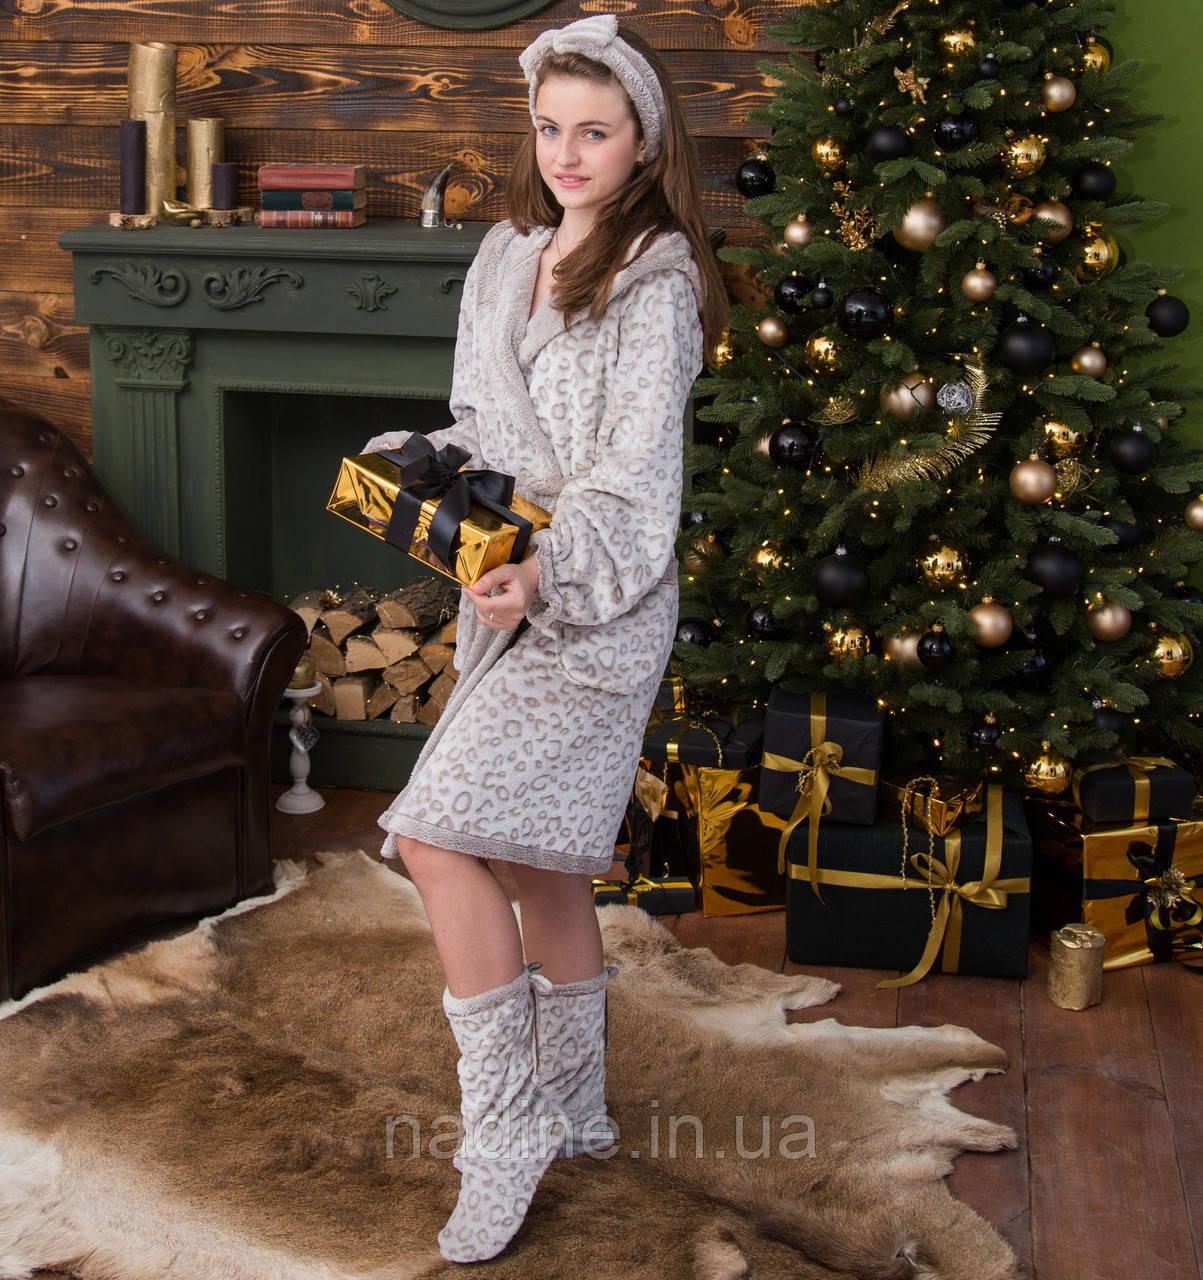 Комплект Cream Eirena Nadine (455-40) рост 140 бежевый халат и сапожки